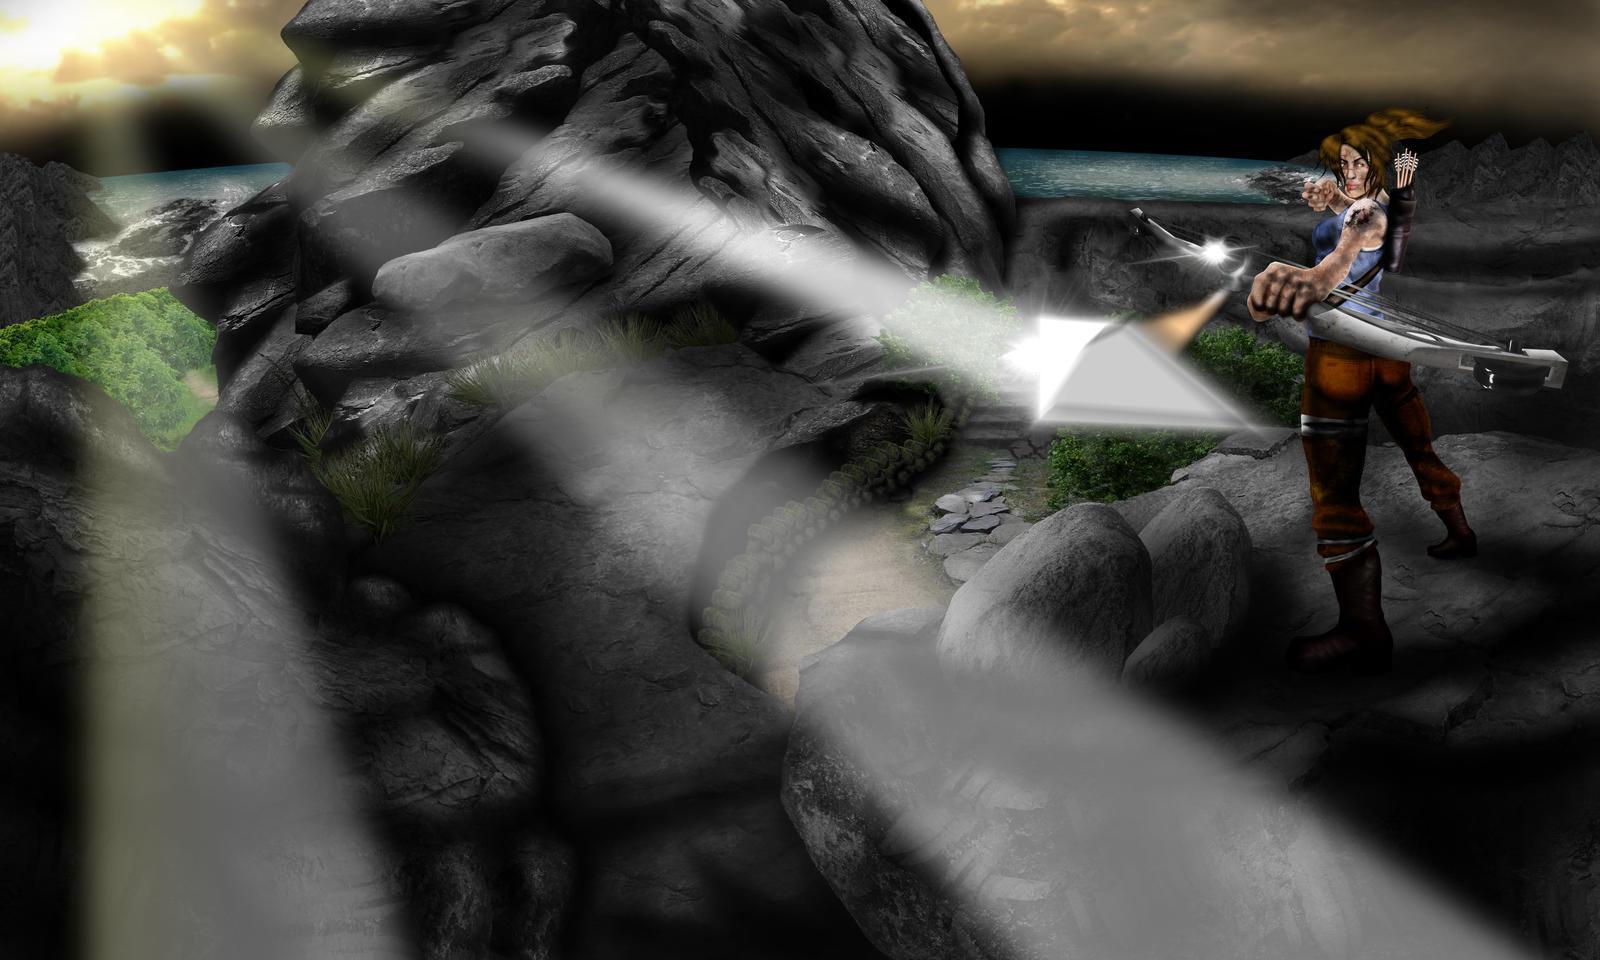 Tomb Raider by SamuelHavel